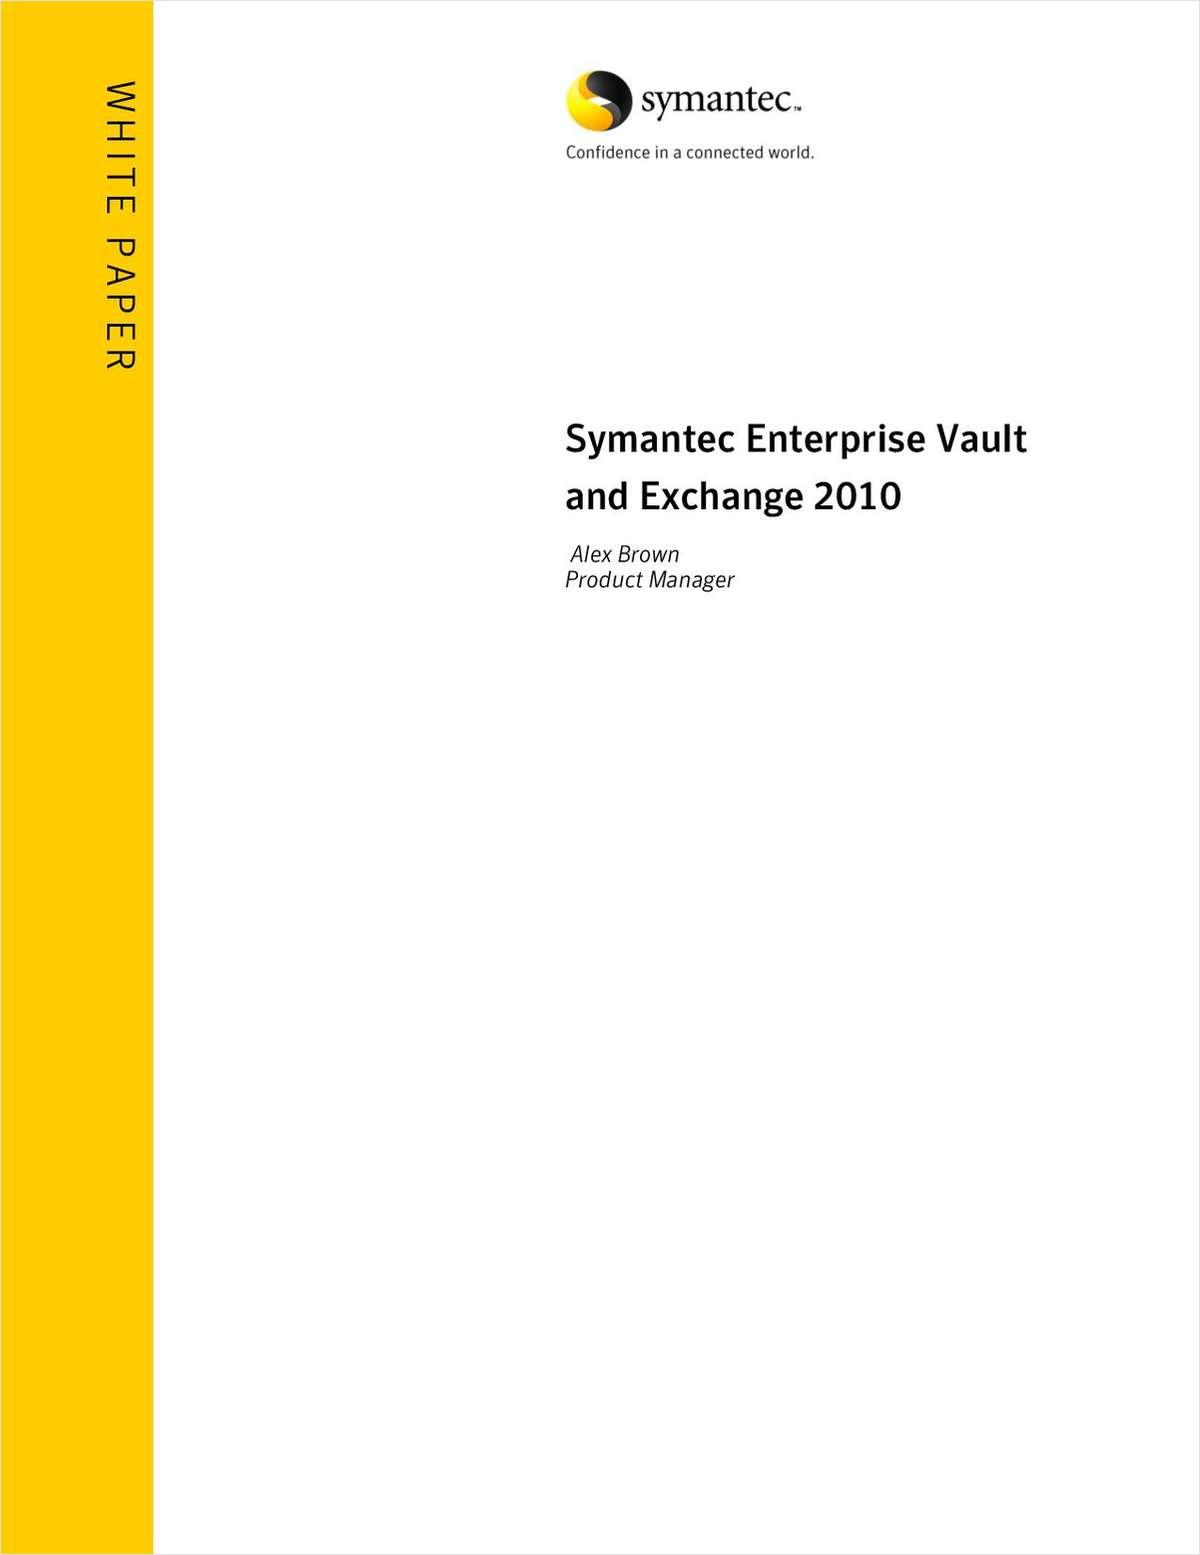 Symantec Enterprise Vault and Exchange 2010